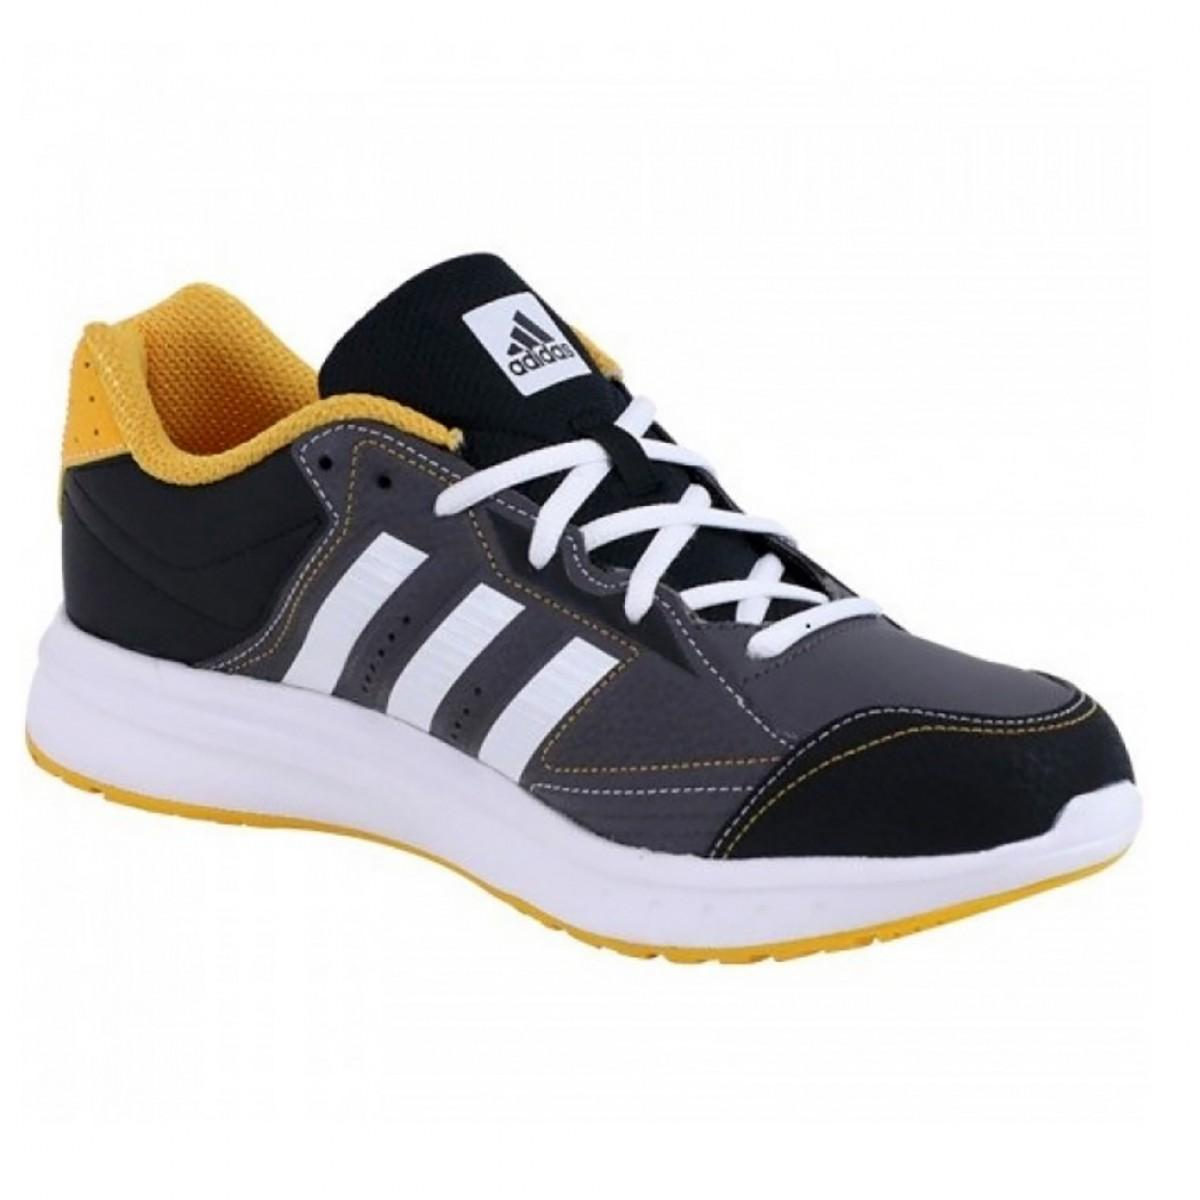 849fa6ac95 Tênis Masculino Adidas Multisport TR Grafite Amarelo - Compre Agora ...